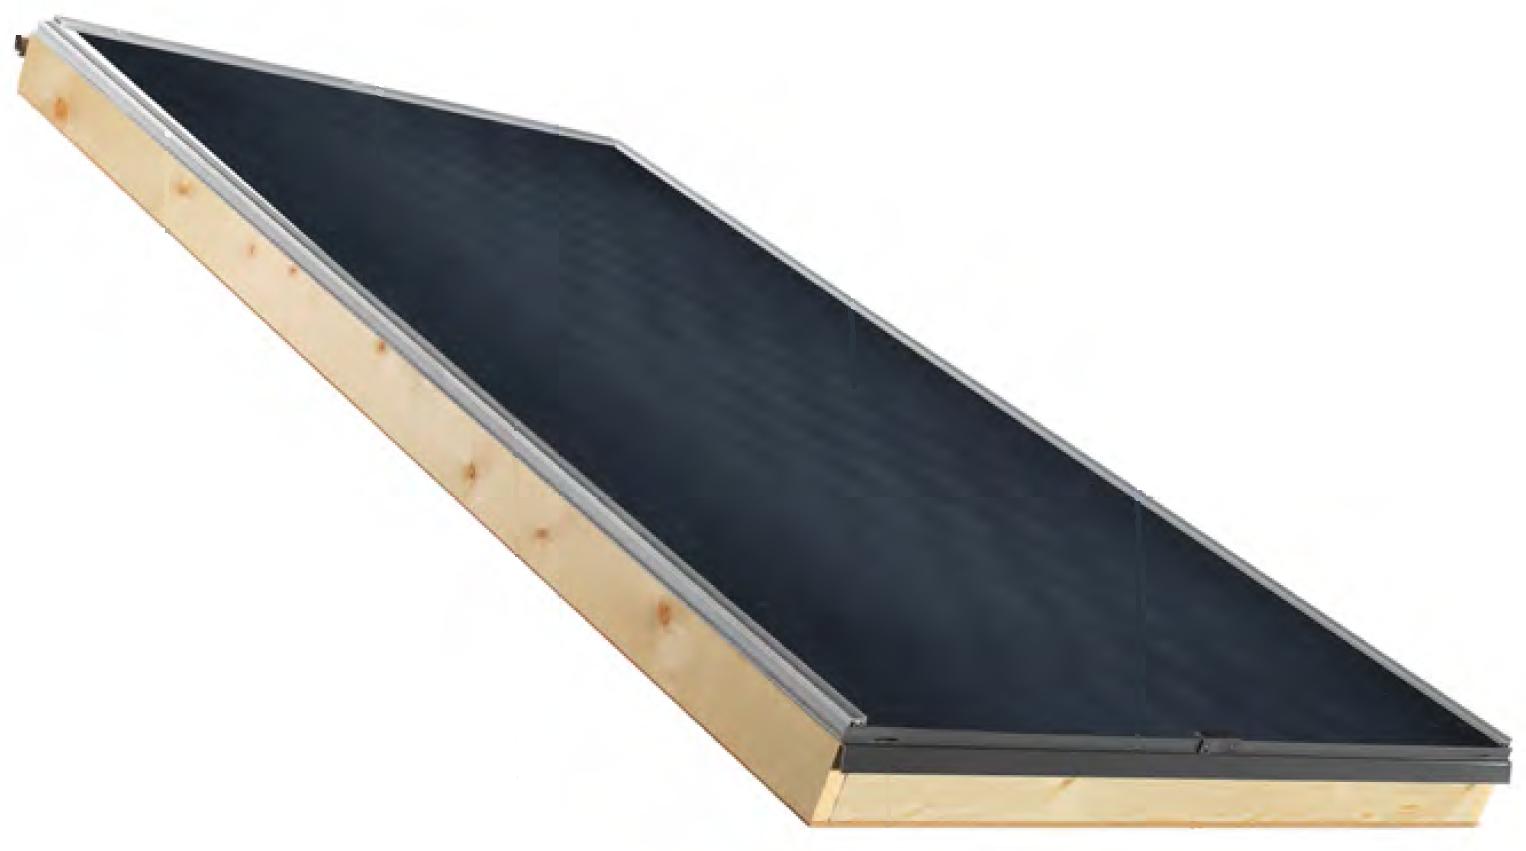 Holzrahmenkollektoren von Solar hoch 2